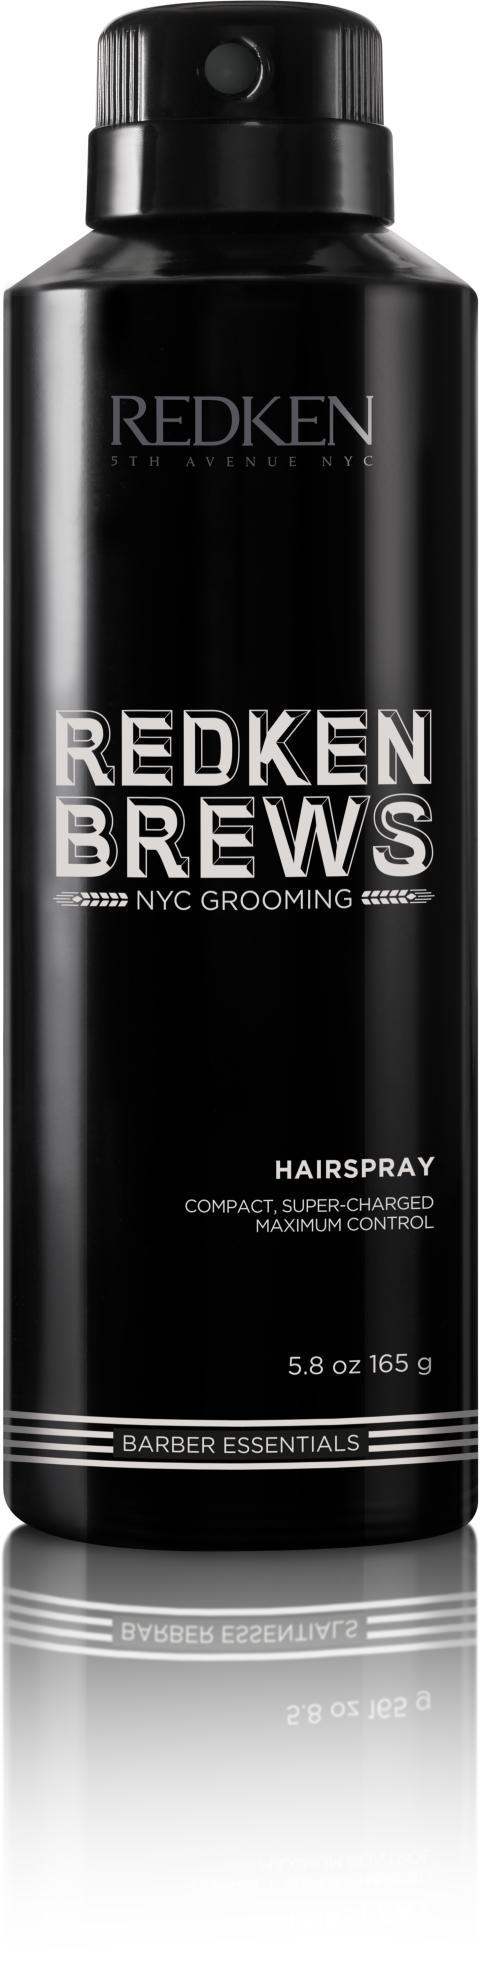 RedkenBrews_Style_Hairspray_250 SEK